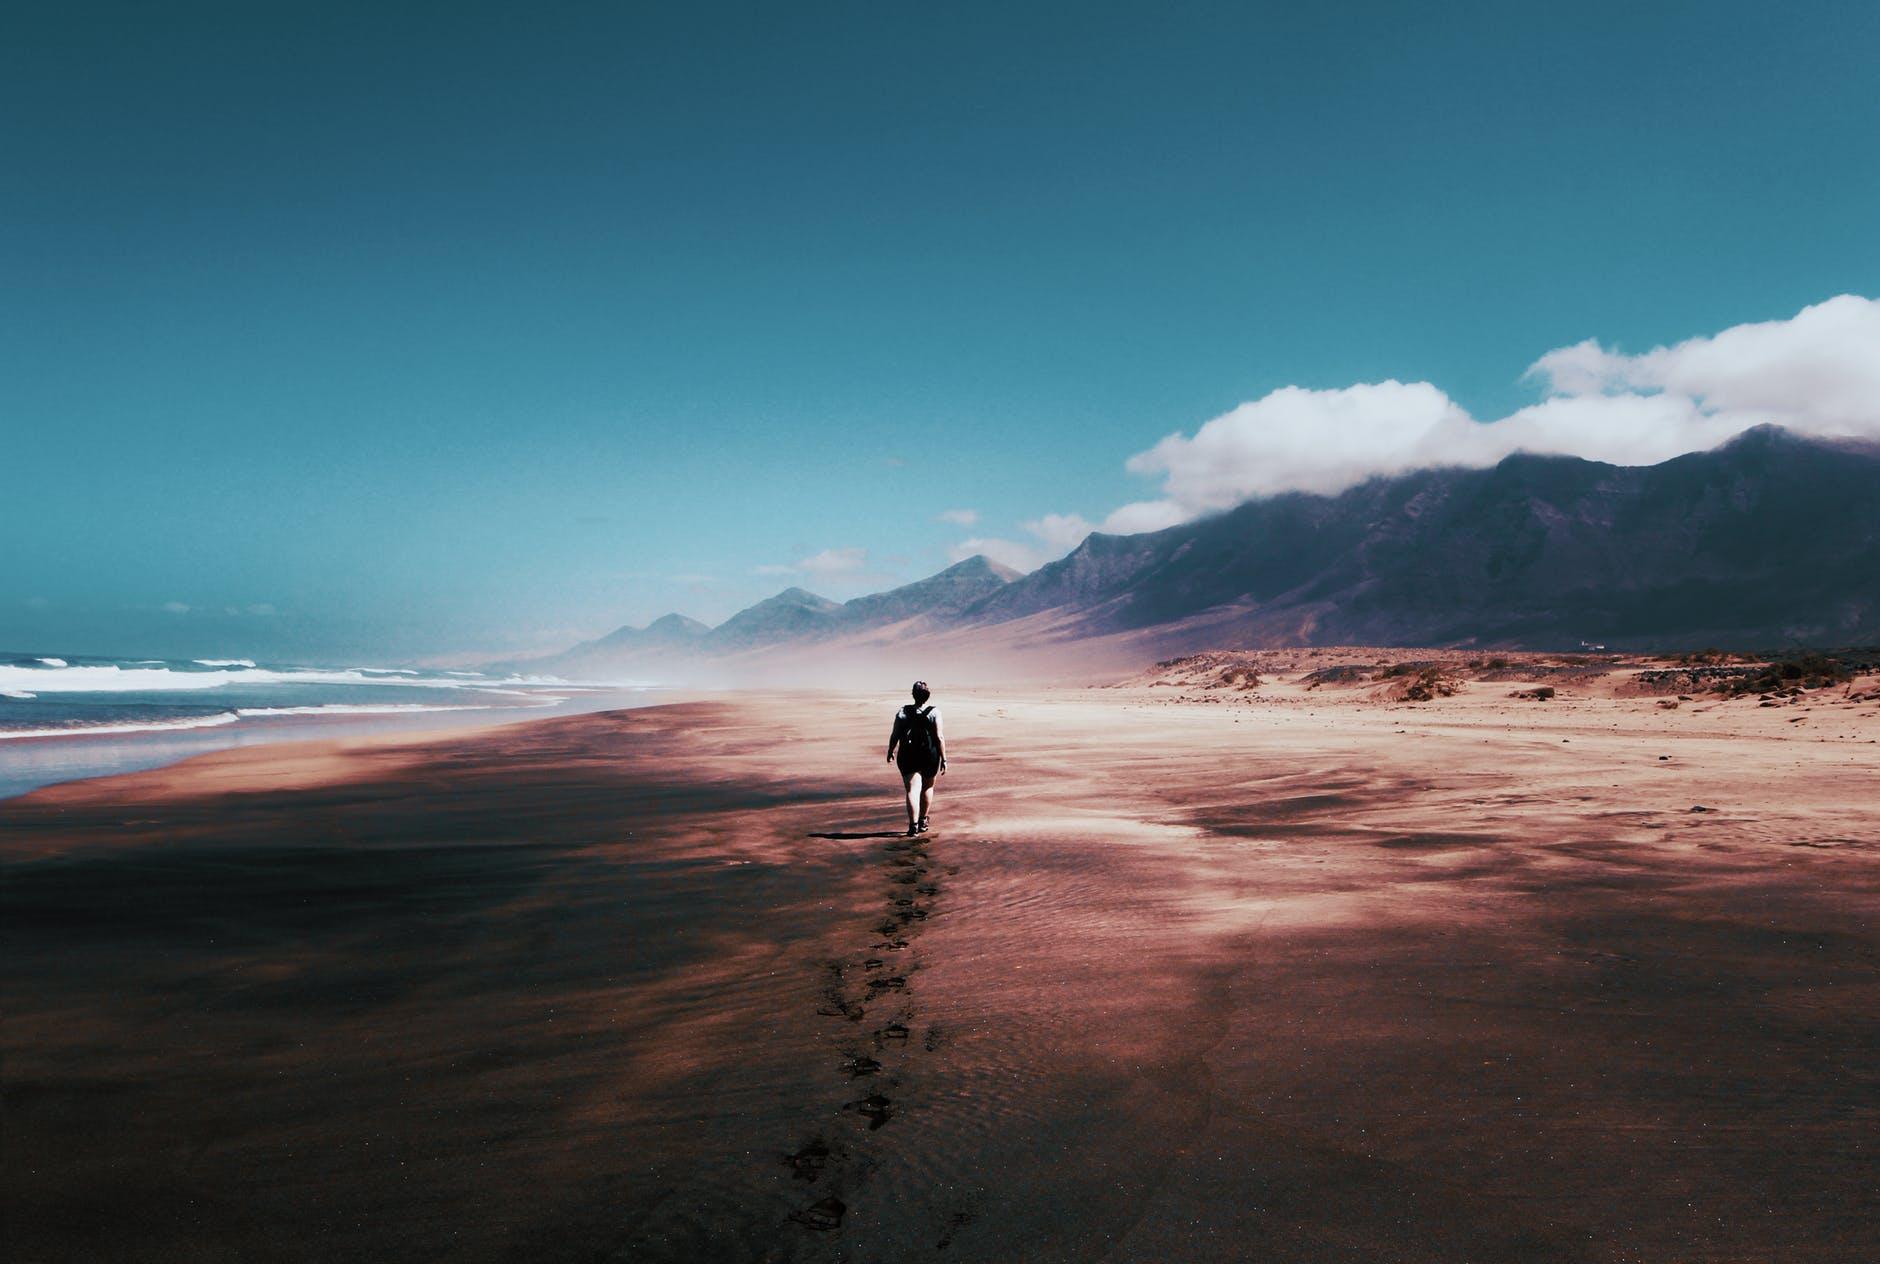 Hình nền buồn bã đi một mình trên bãi biển